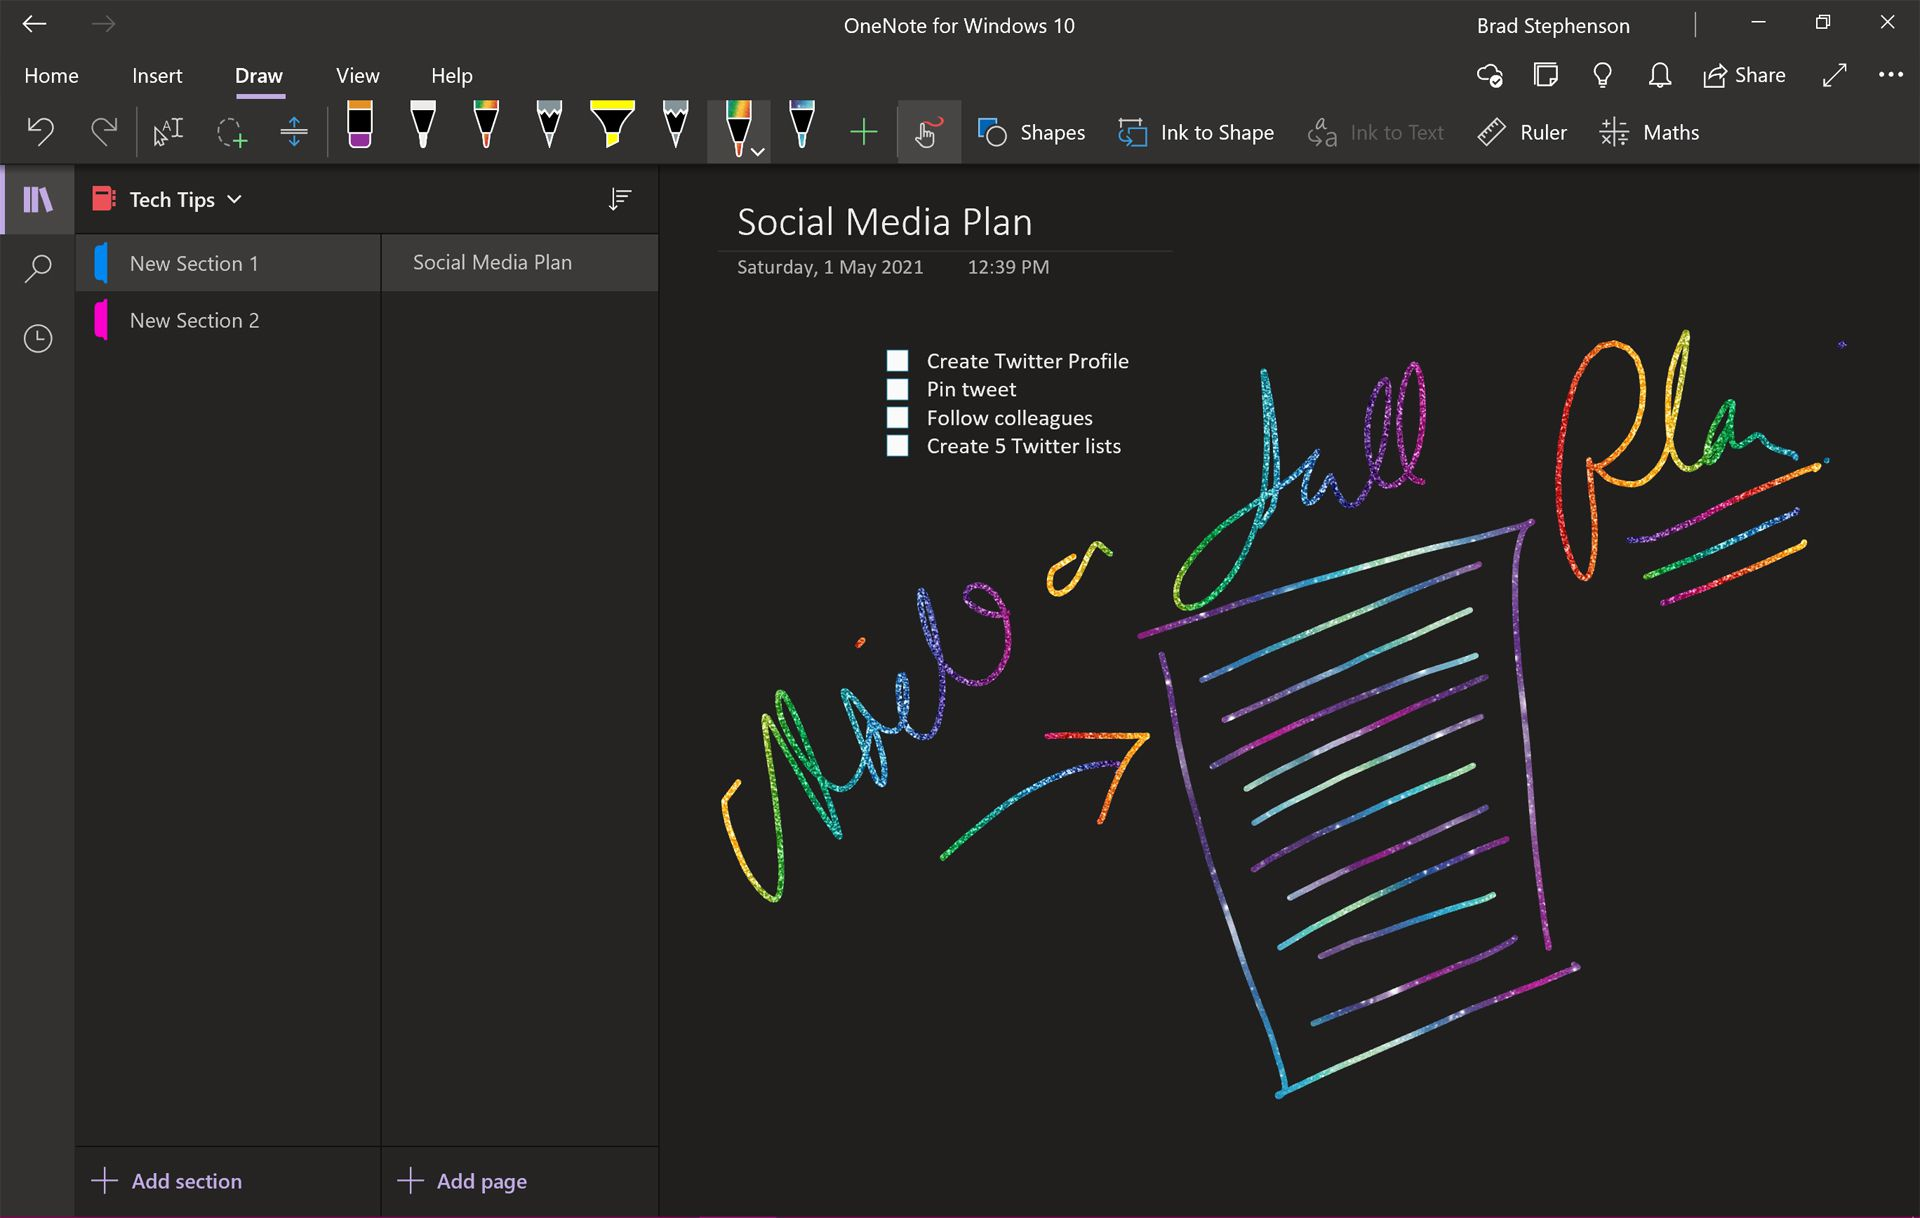 Microsoft OneNote on Surface Pro 7.